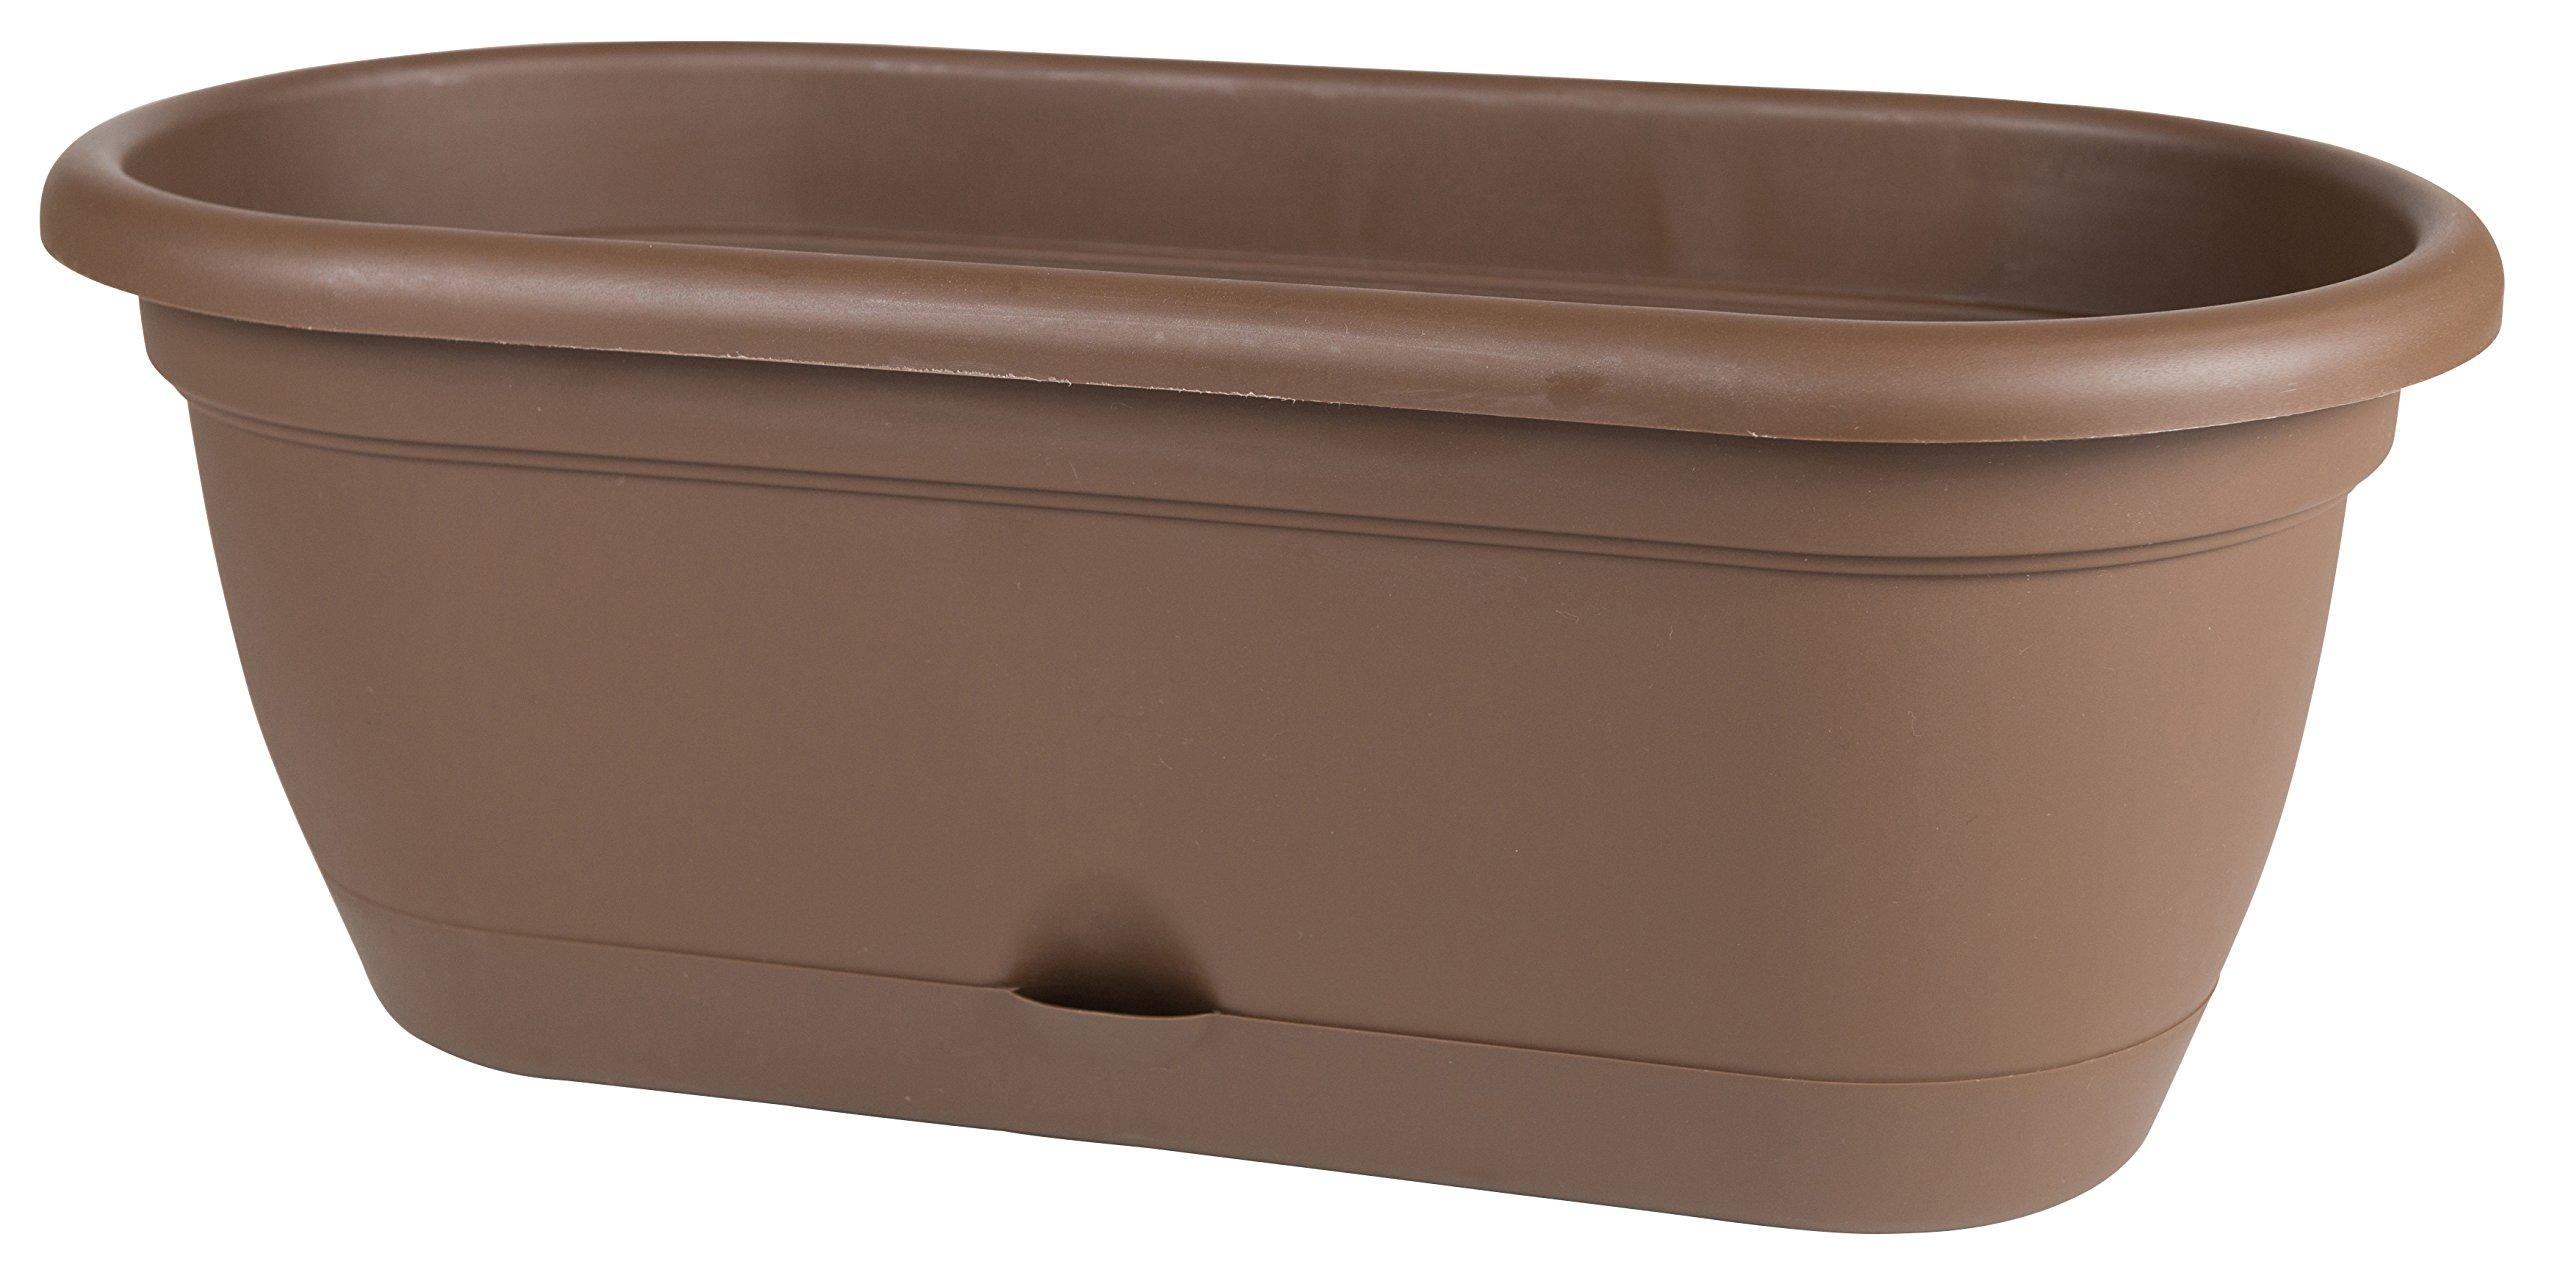 Bloem Lucca Self Watering Window Box, 18'', Chocolate (LWB1845) by Bloem